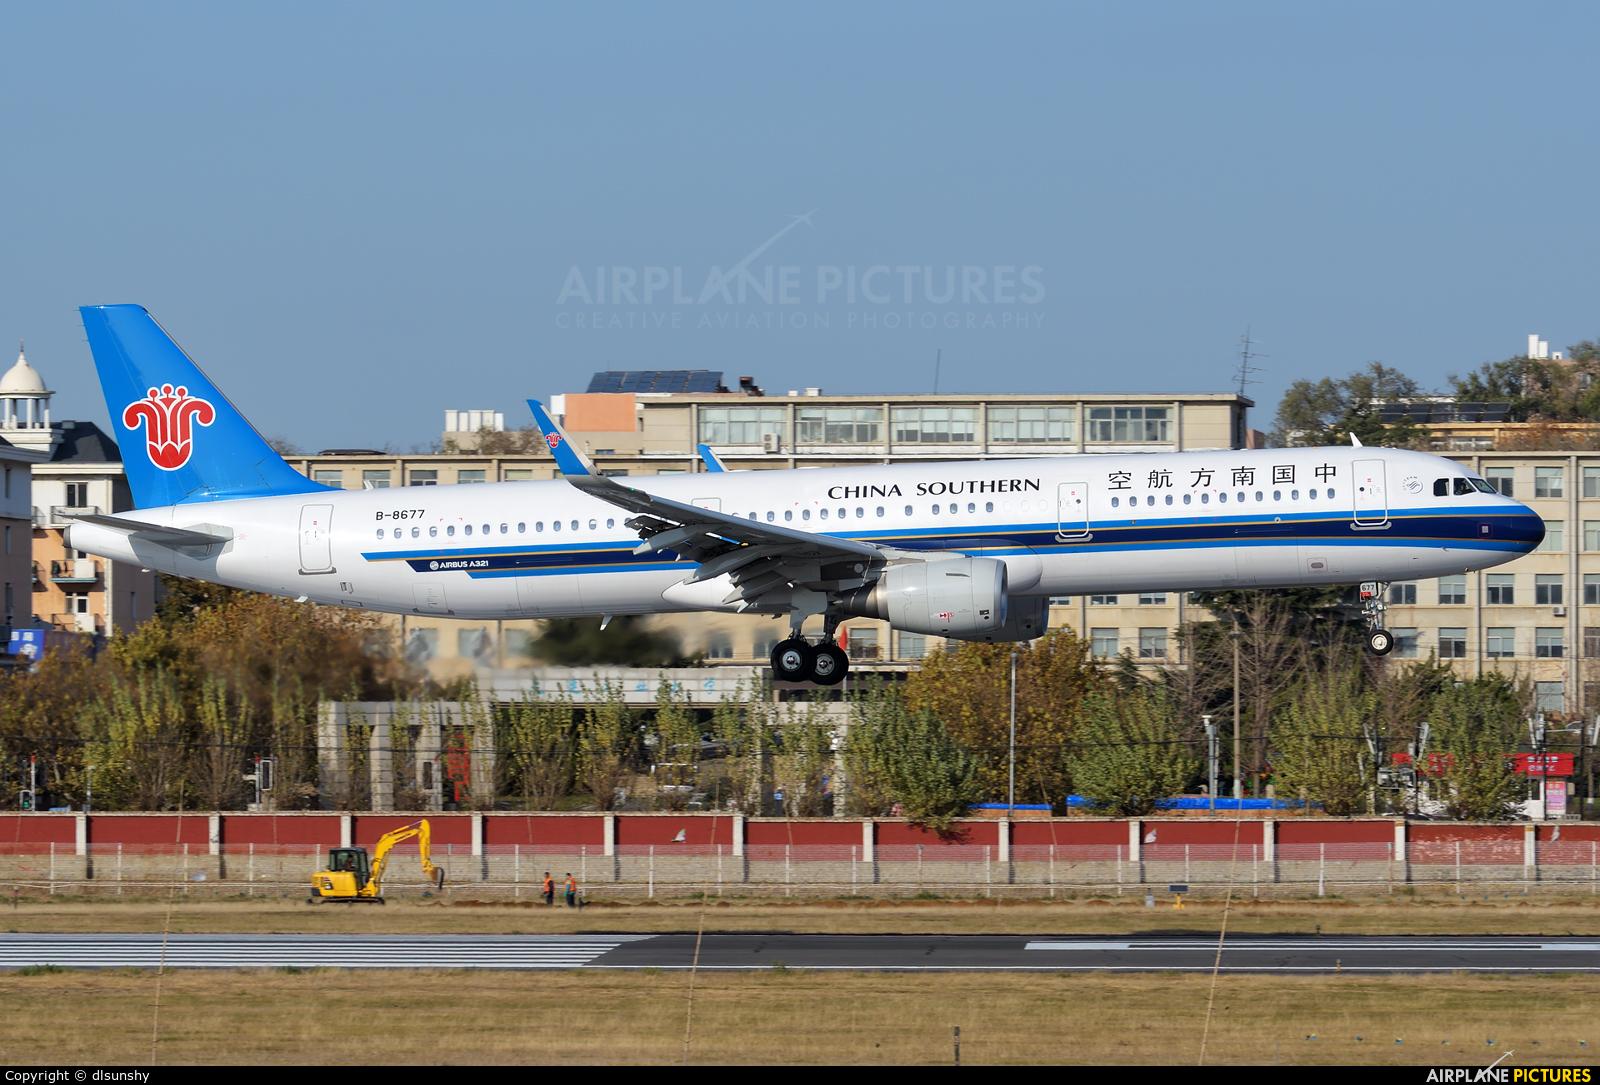 China Southern Airlines B-8677 aircraft at Dalian Zhoushuizi Int'l